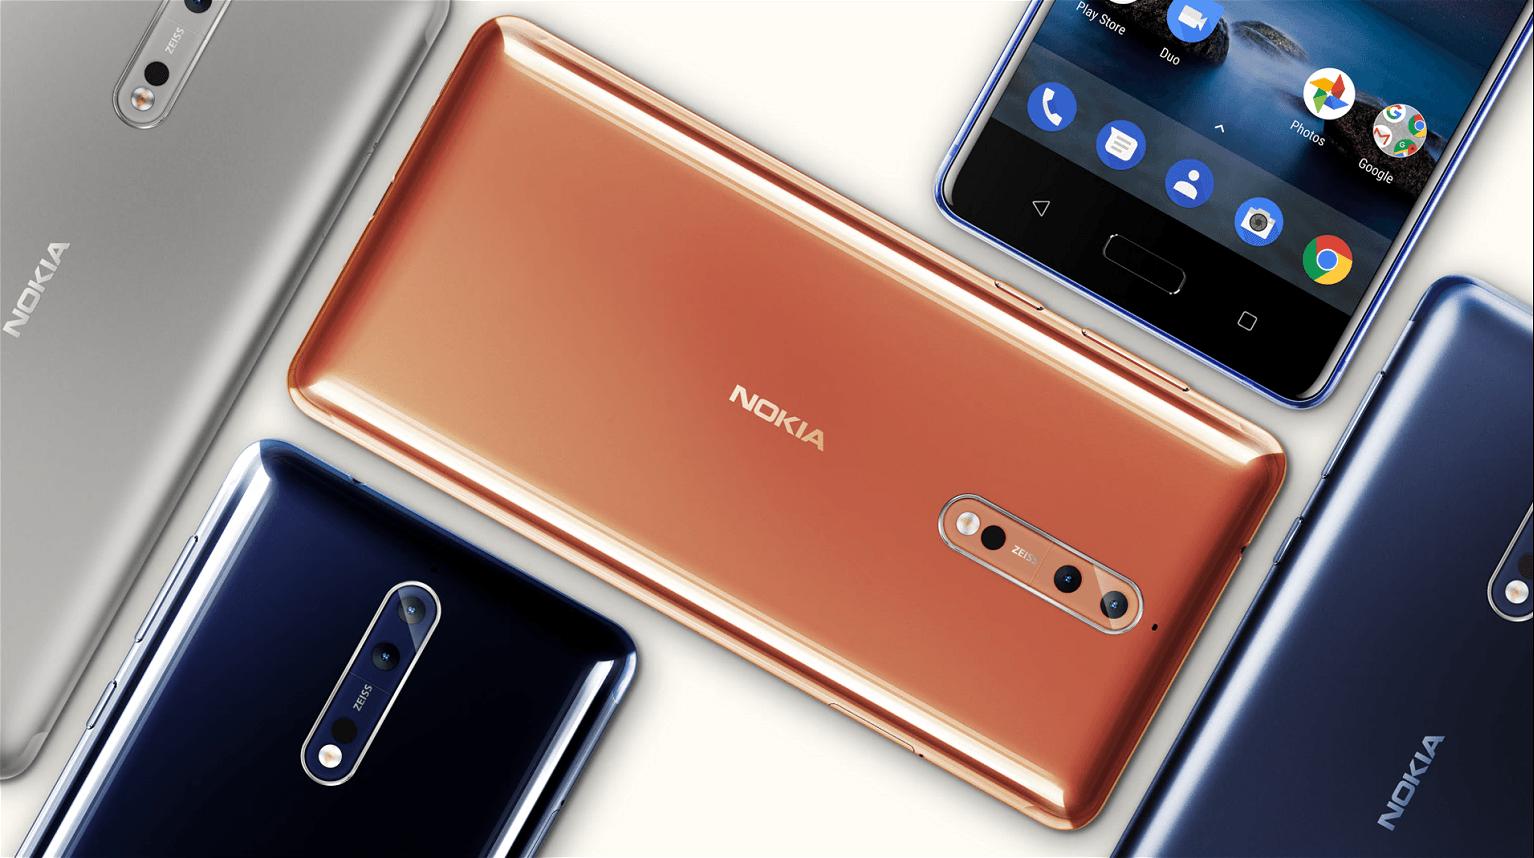 Tabletowo.pl Wszystkie Nokie mają otrzymać aktualizację do Androida P Aktualizacje Android Nokia Oprogramowanie Producenci Systemy